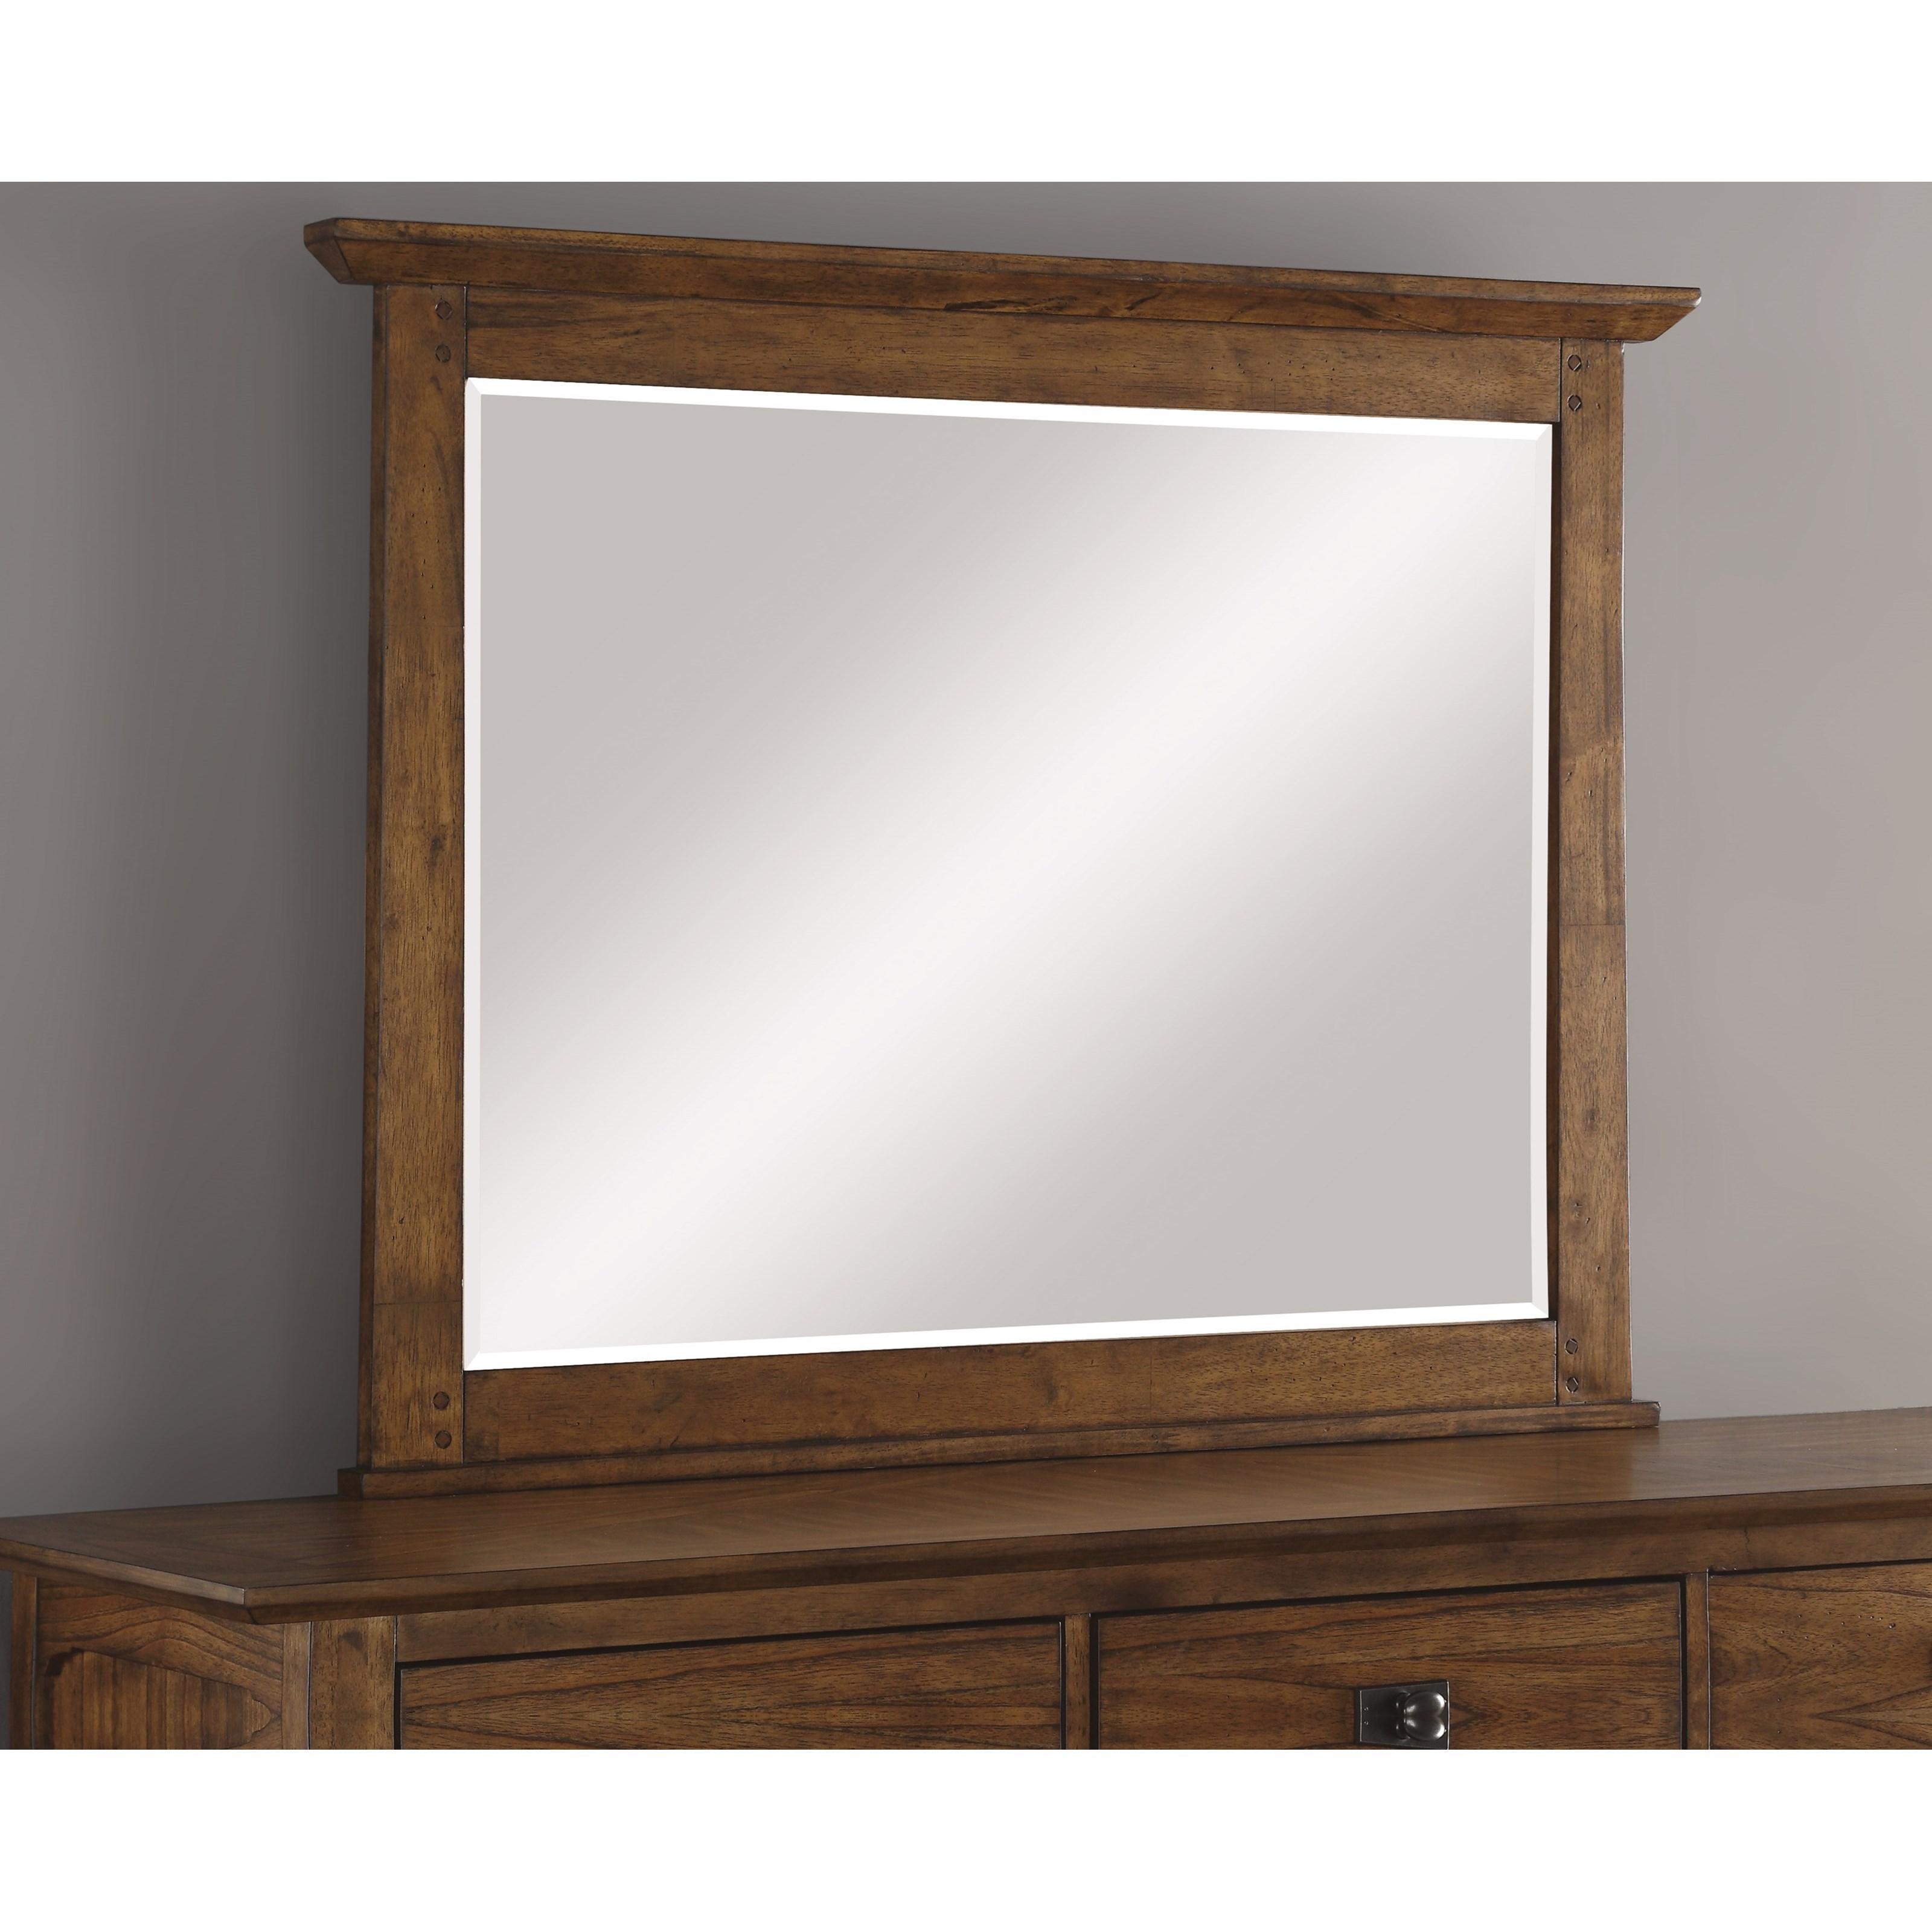 Mission Dresser Mirror   Sonora By Flexsteel Wynwood Collection   Wilcox  Furniture   Dresser Mirrors Corpus Christi, Kingsville, Calallen, Texas